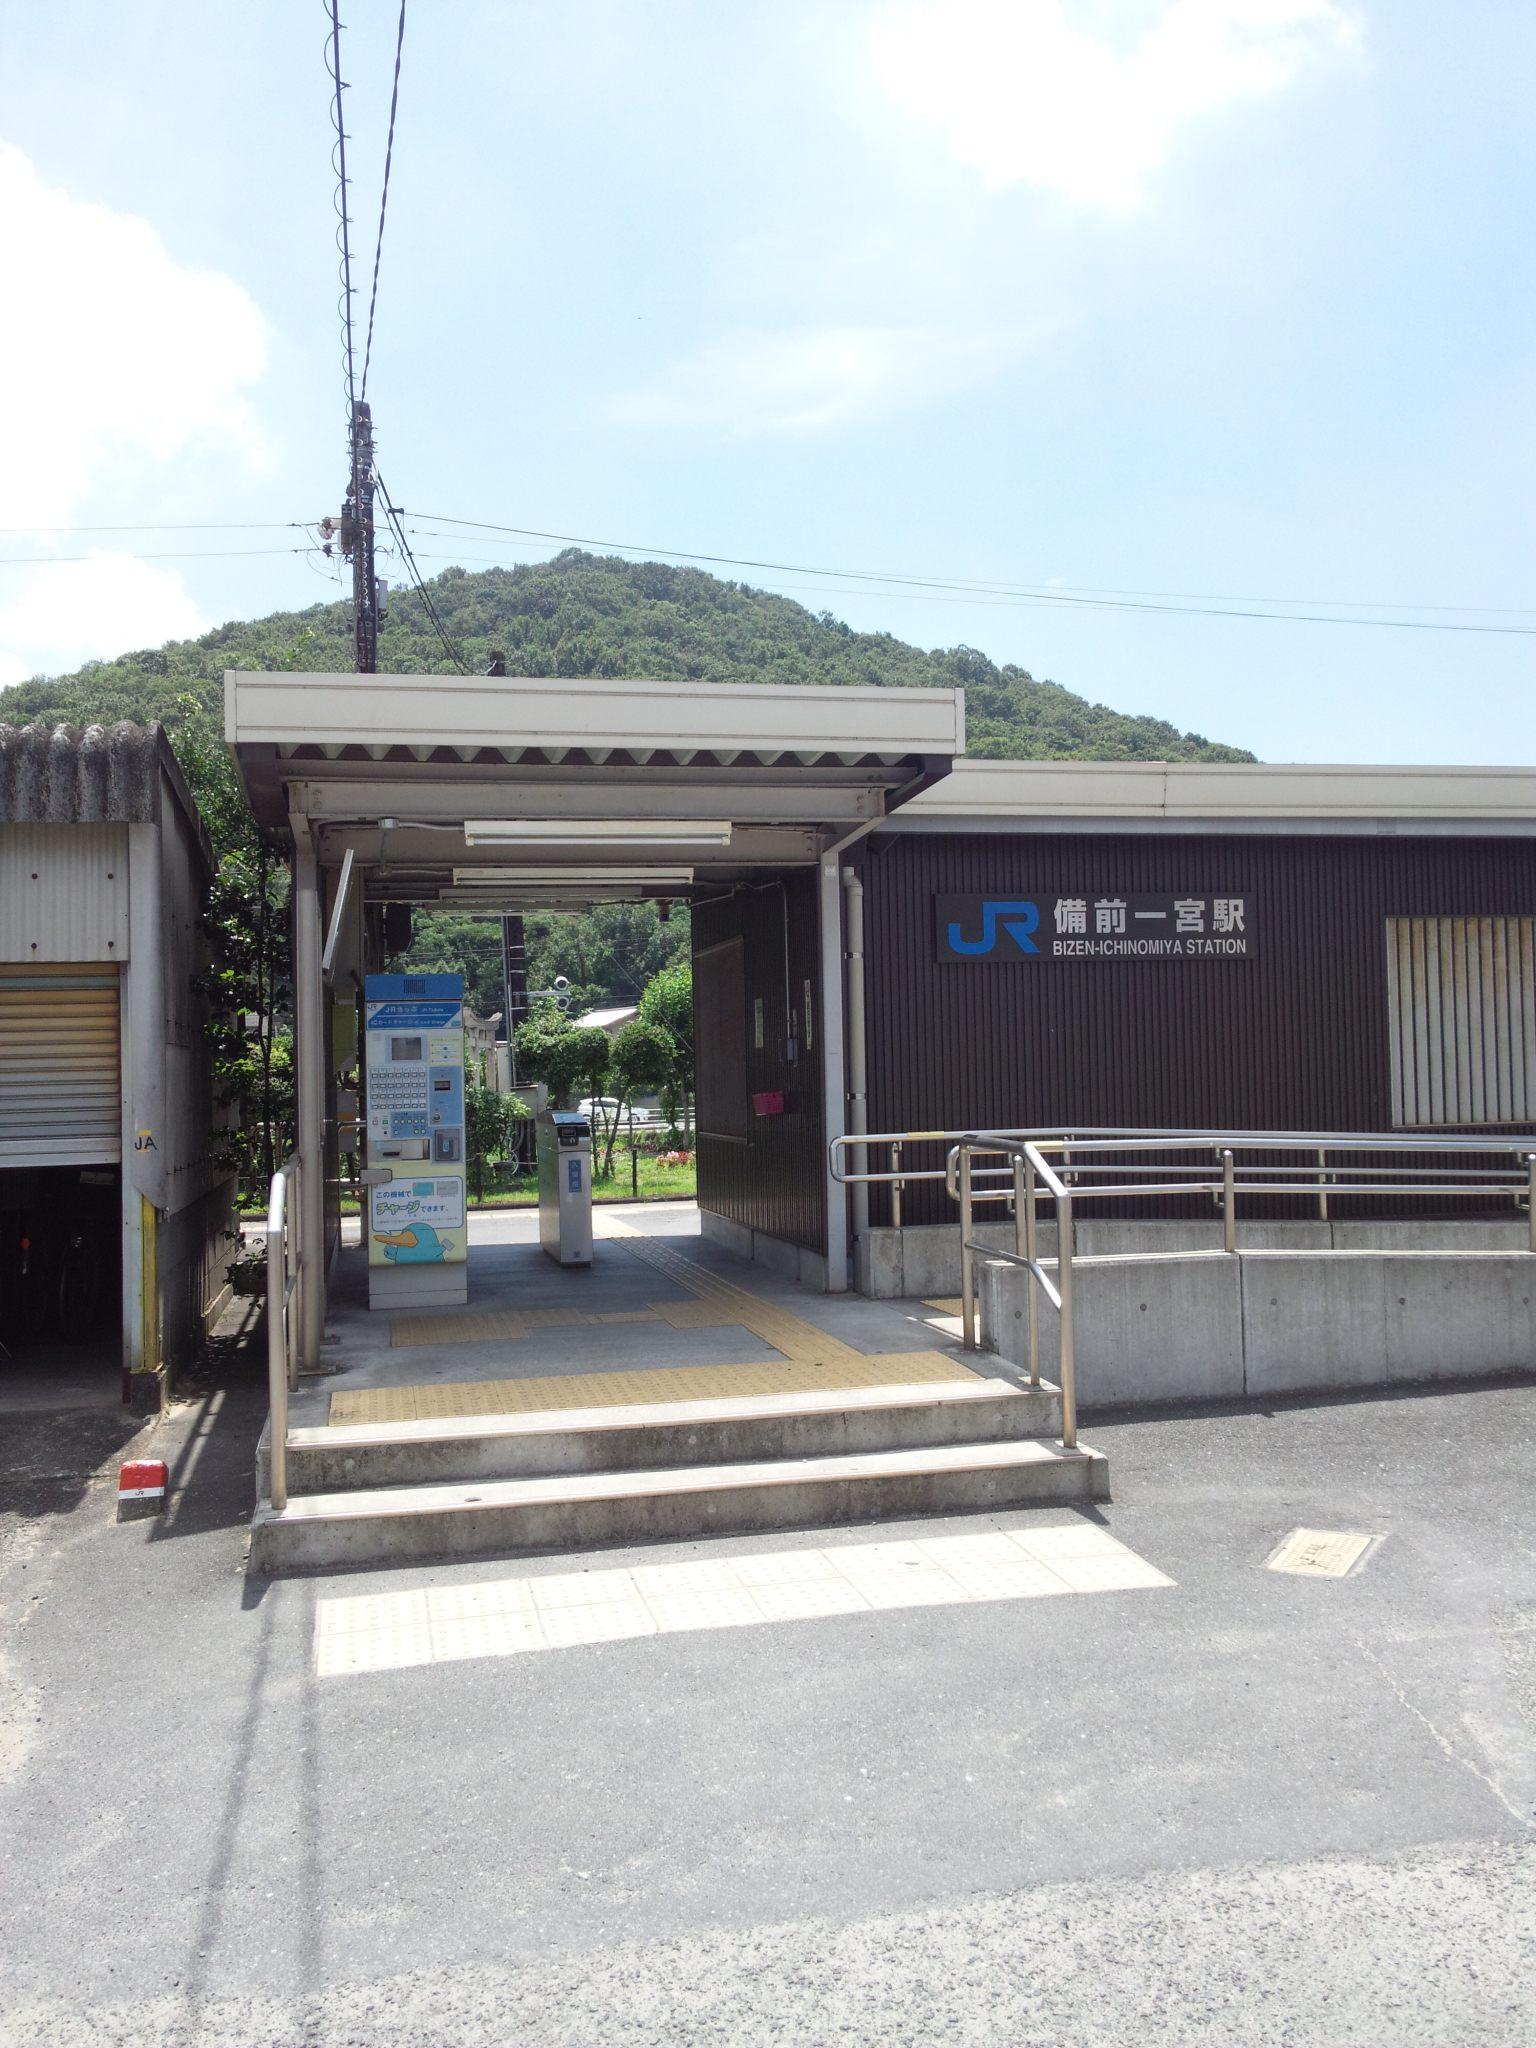 吉備サービスエリアの最寄り駅_c0001670_13313492.jpg